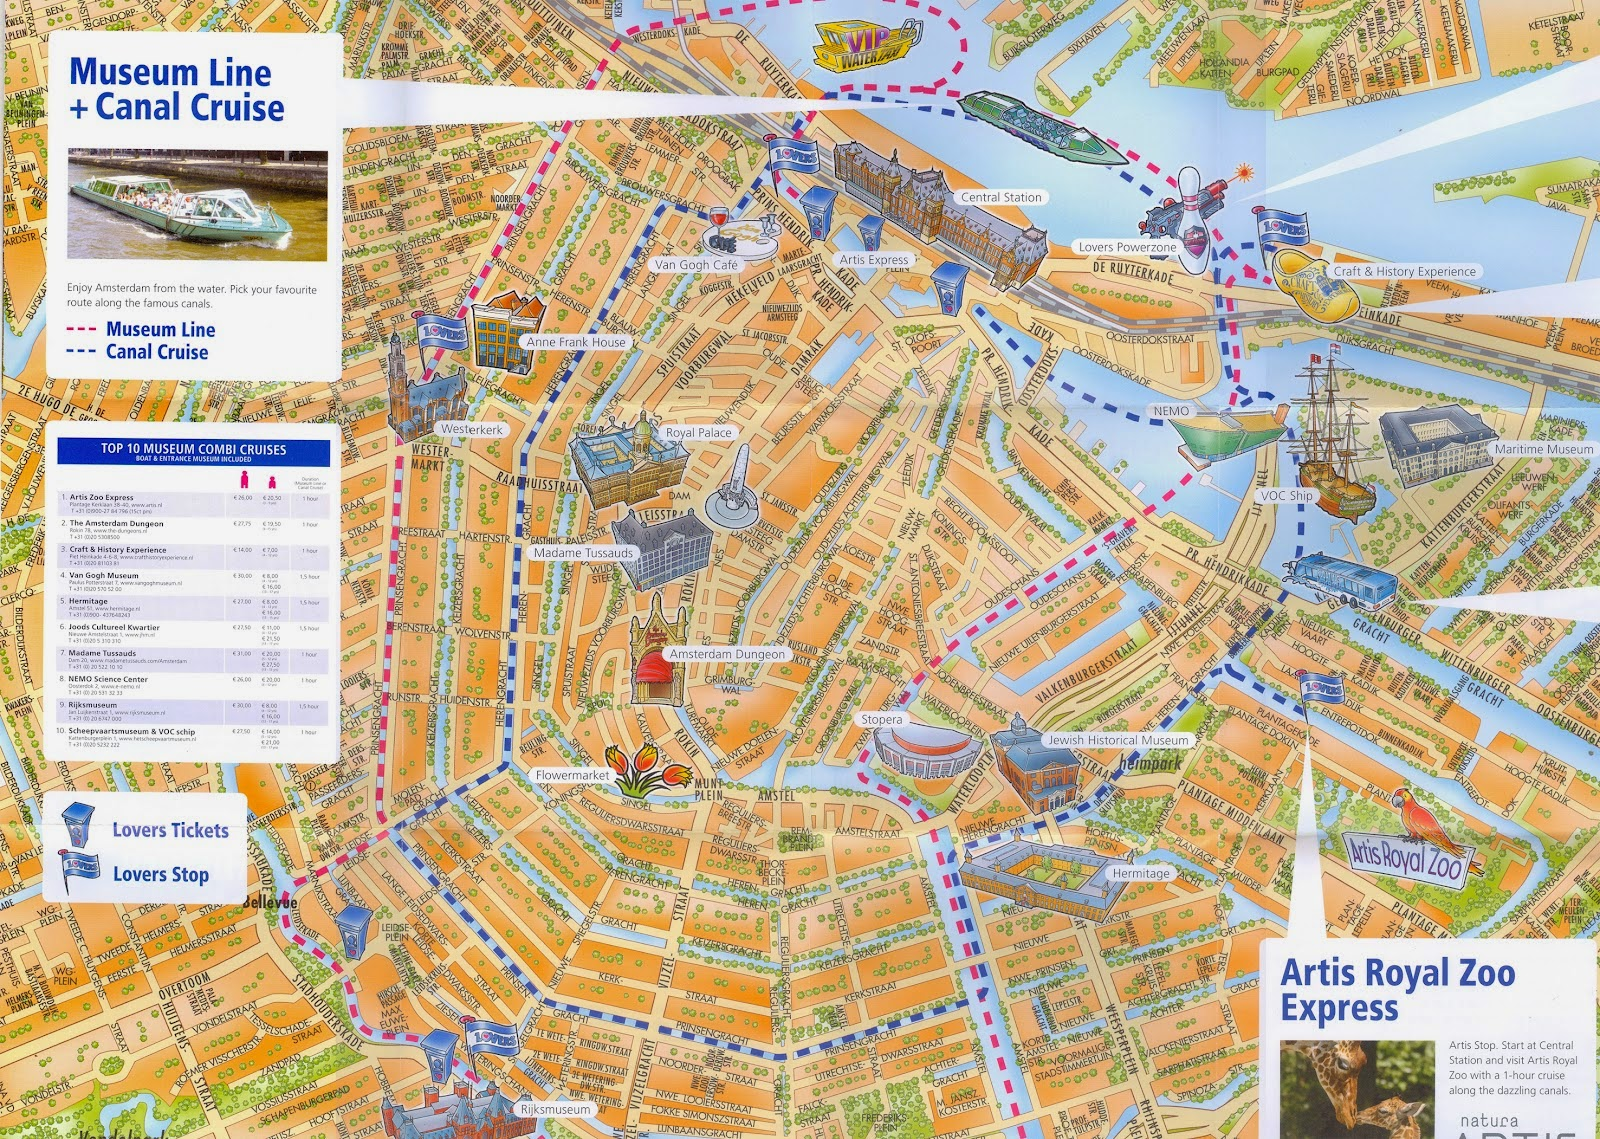 Mapa con recorridos en barco por Amsterdam. Paseo en barco por sus canales